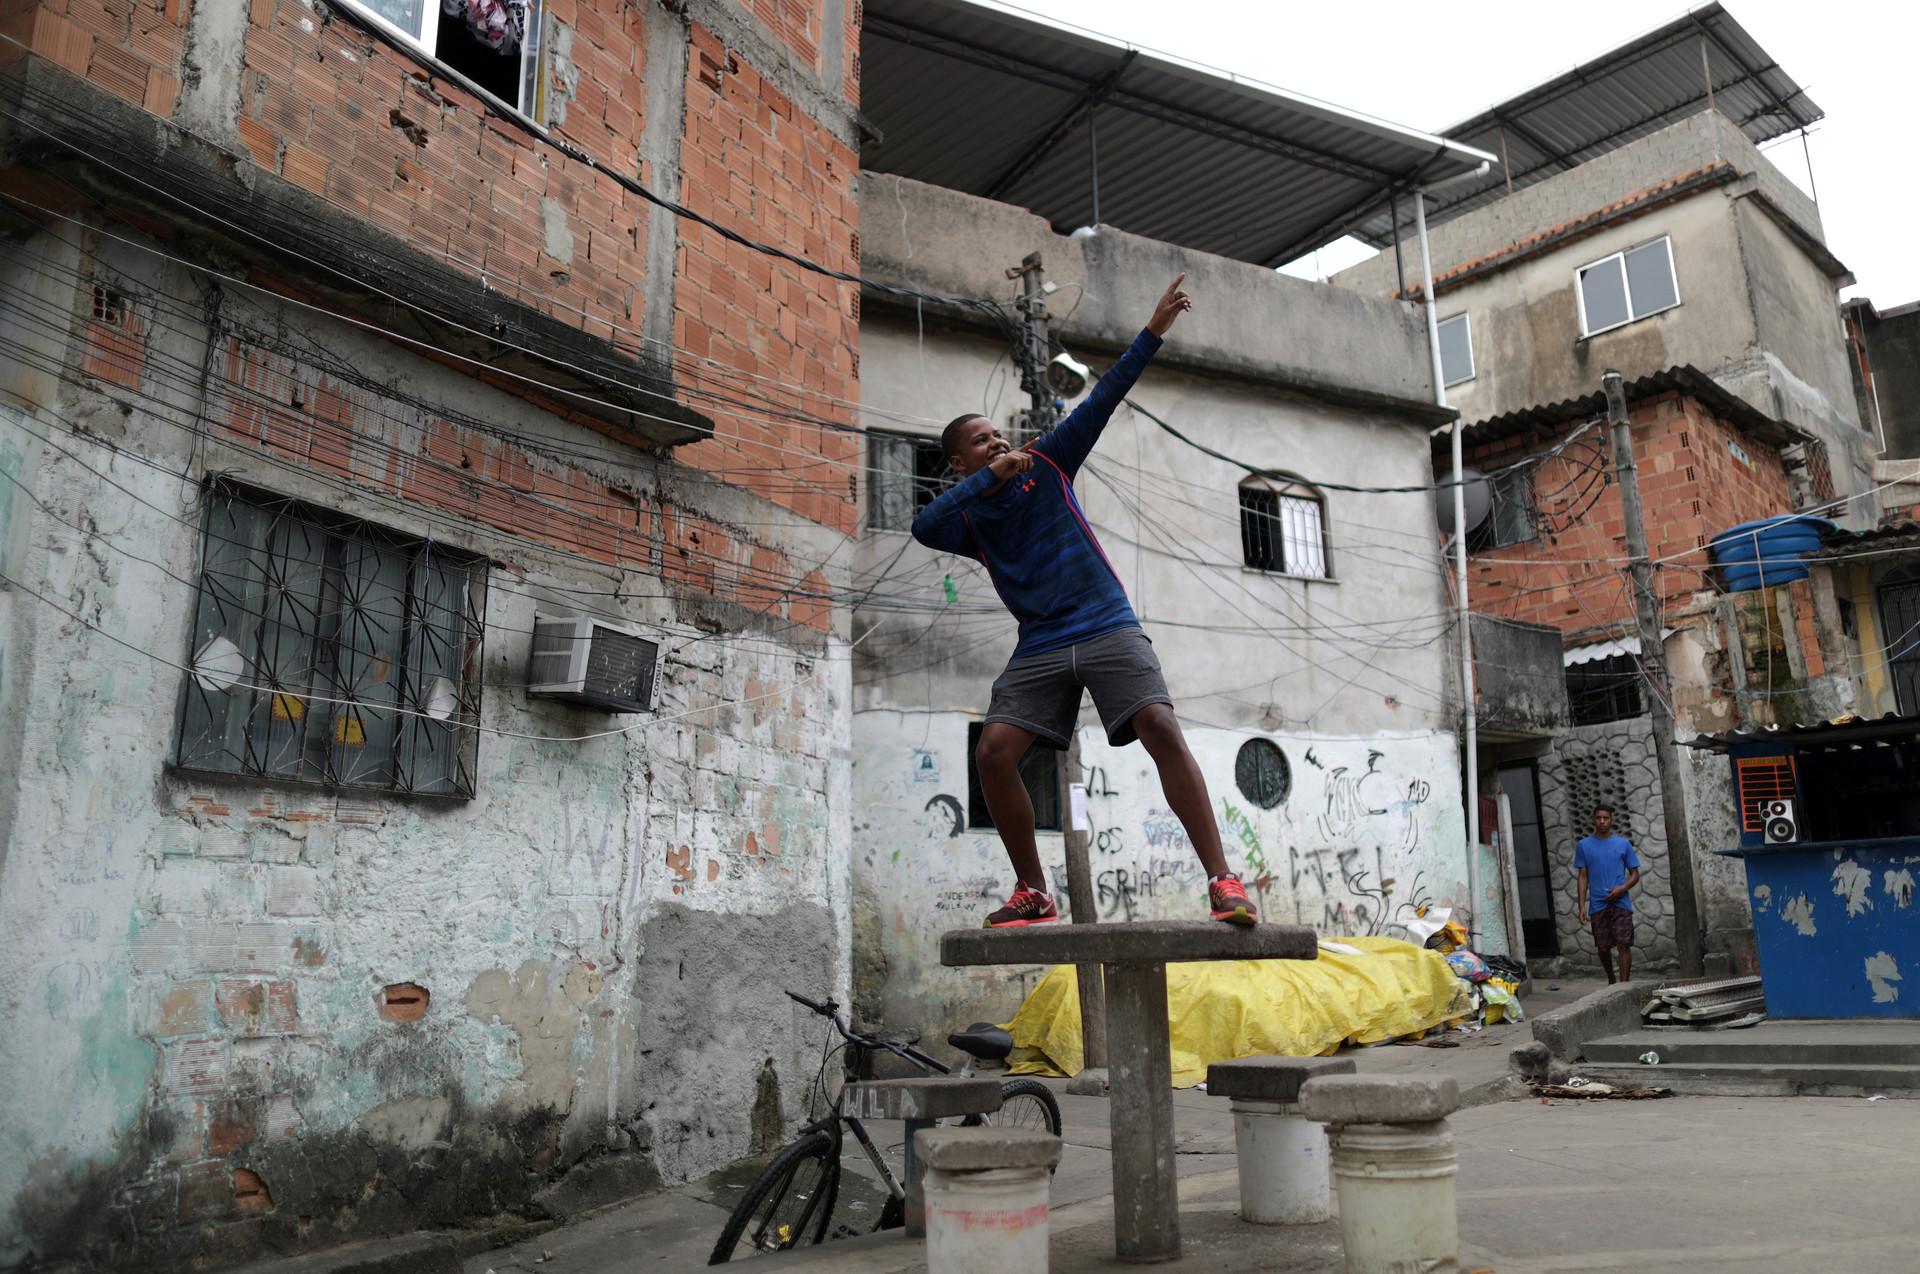 Vitor Soares, de 16 años, en la favela de Cajueiro en Río de Janeiro, Brasil, 16 de agosto de 2016.